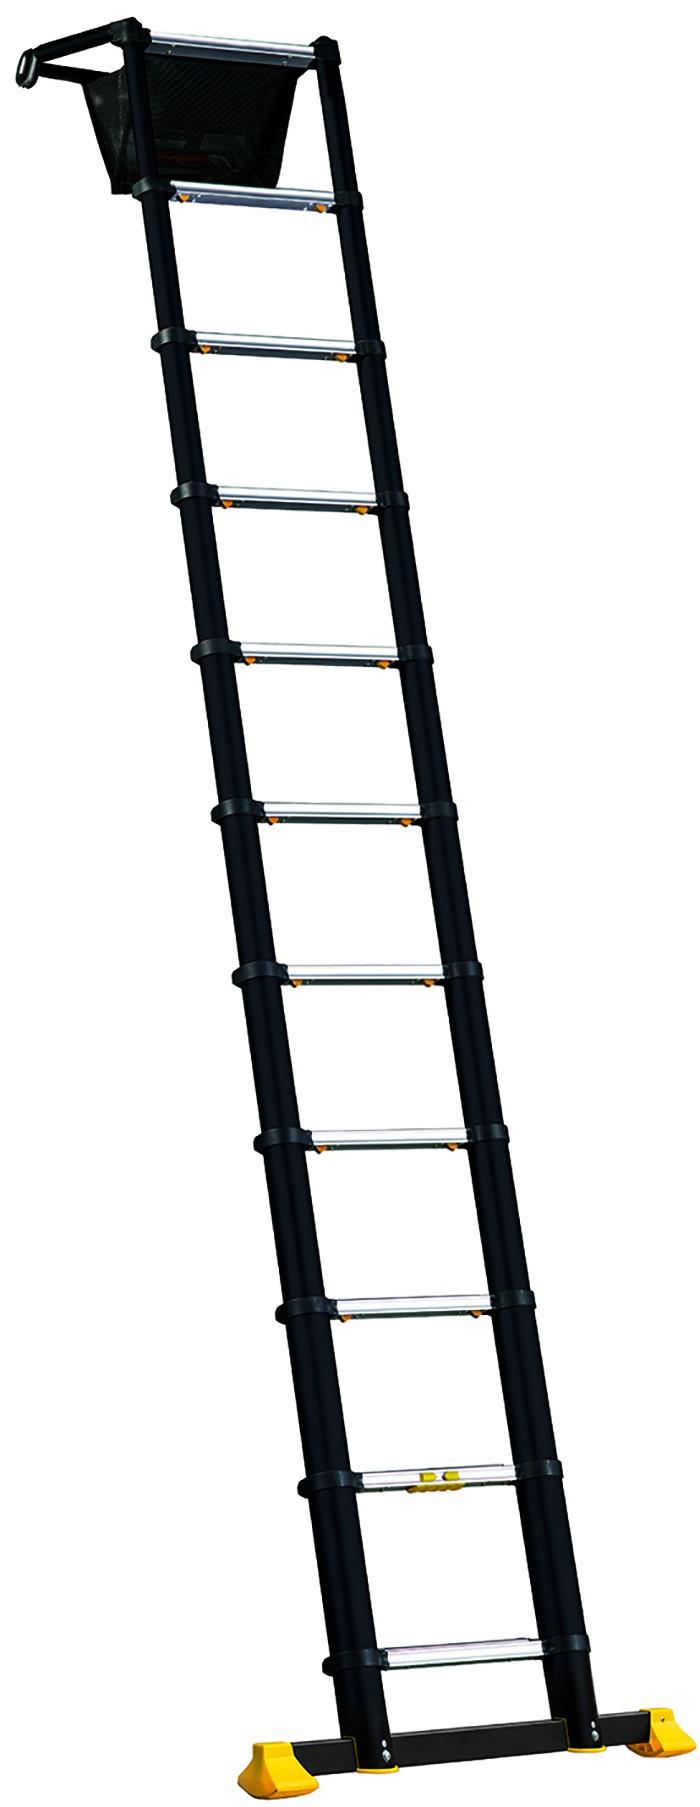 Echelle télescopique Space Bamboo - CENTAURE - 13 barreaux